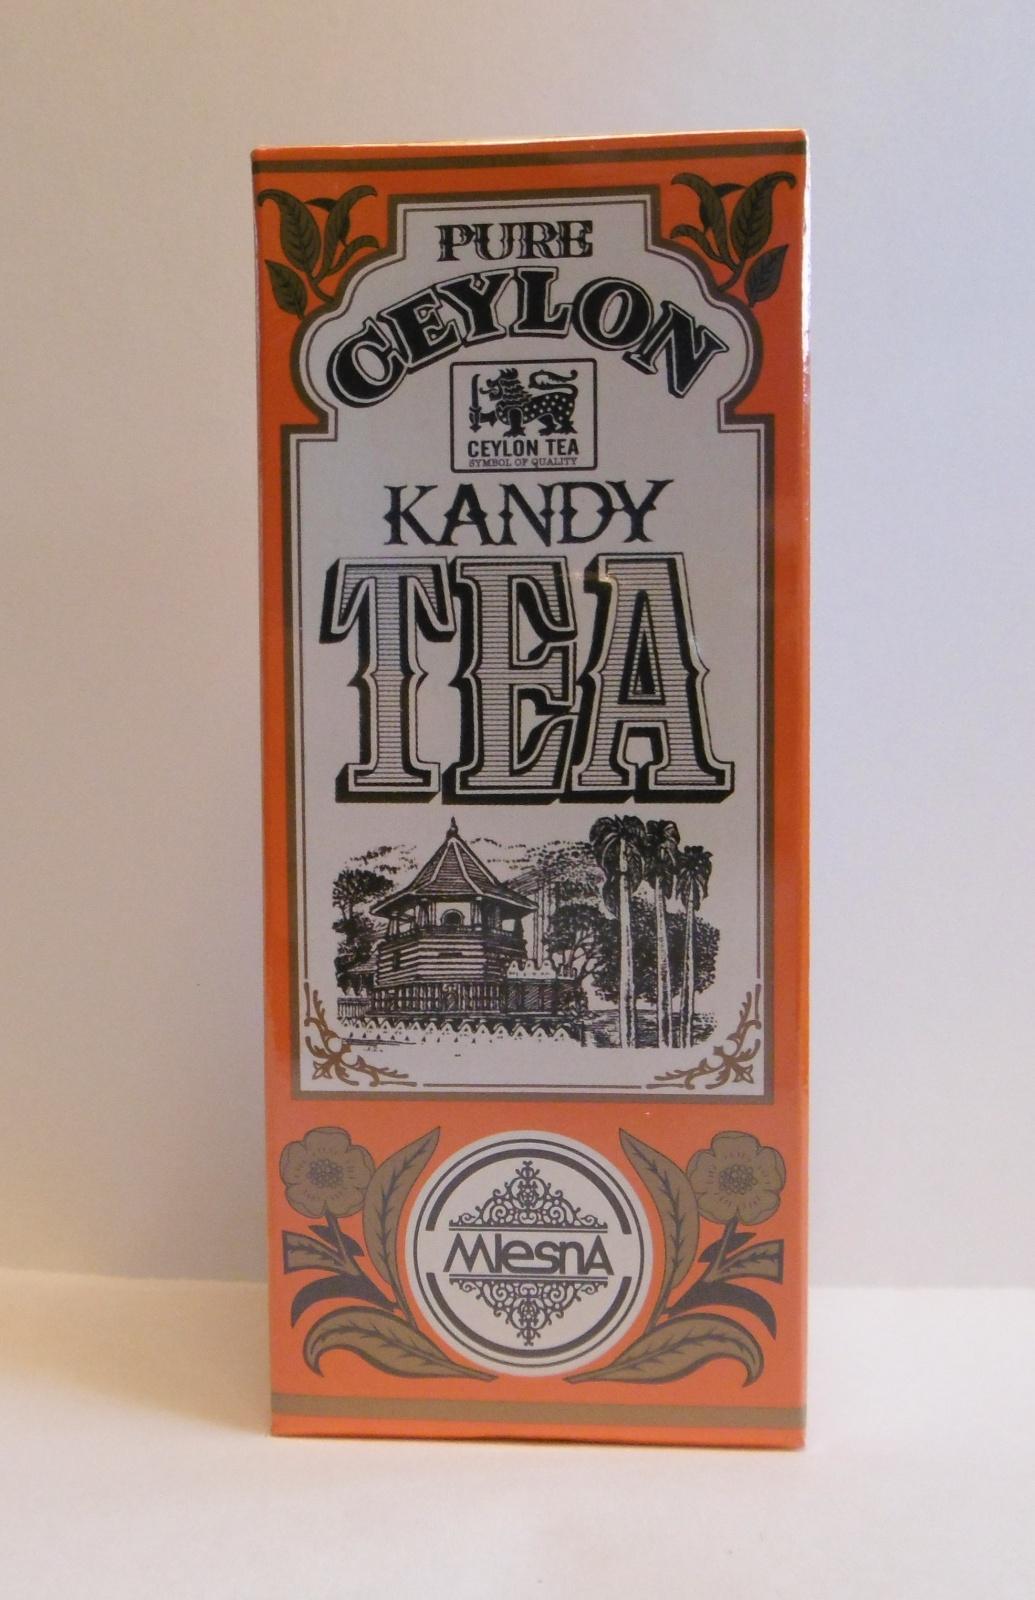 Čaje Mlesna Cejlonský čaj z oblasti KANDY, nejkvalitnější lístky z čajovníku MLESNA (Ceylon) Ltd. pravý čaj z Cejlonu